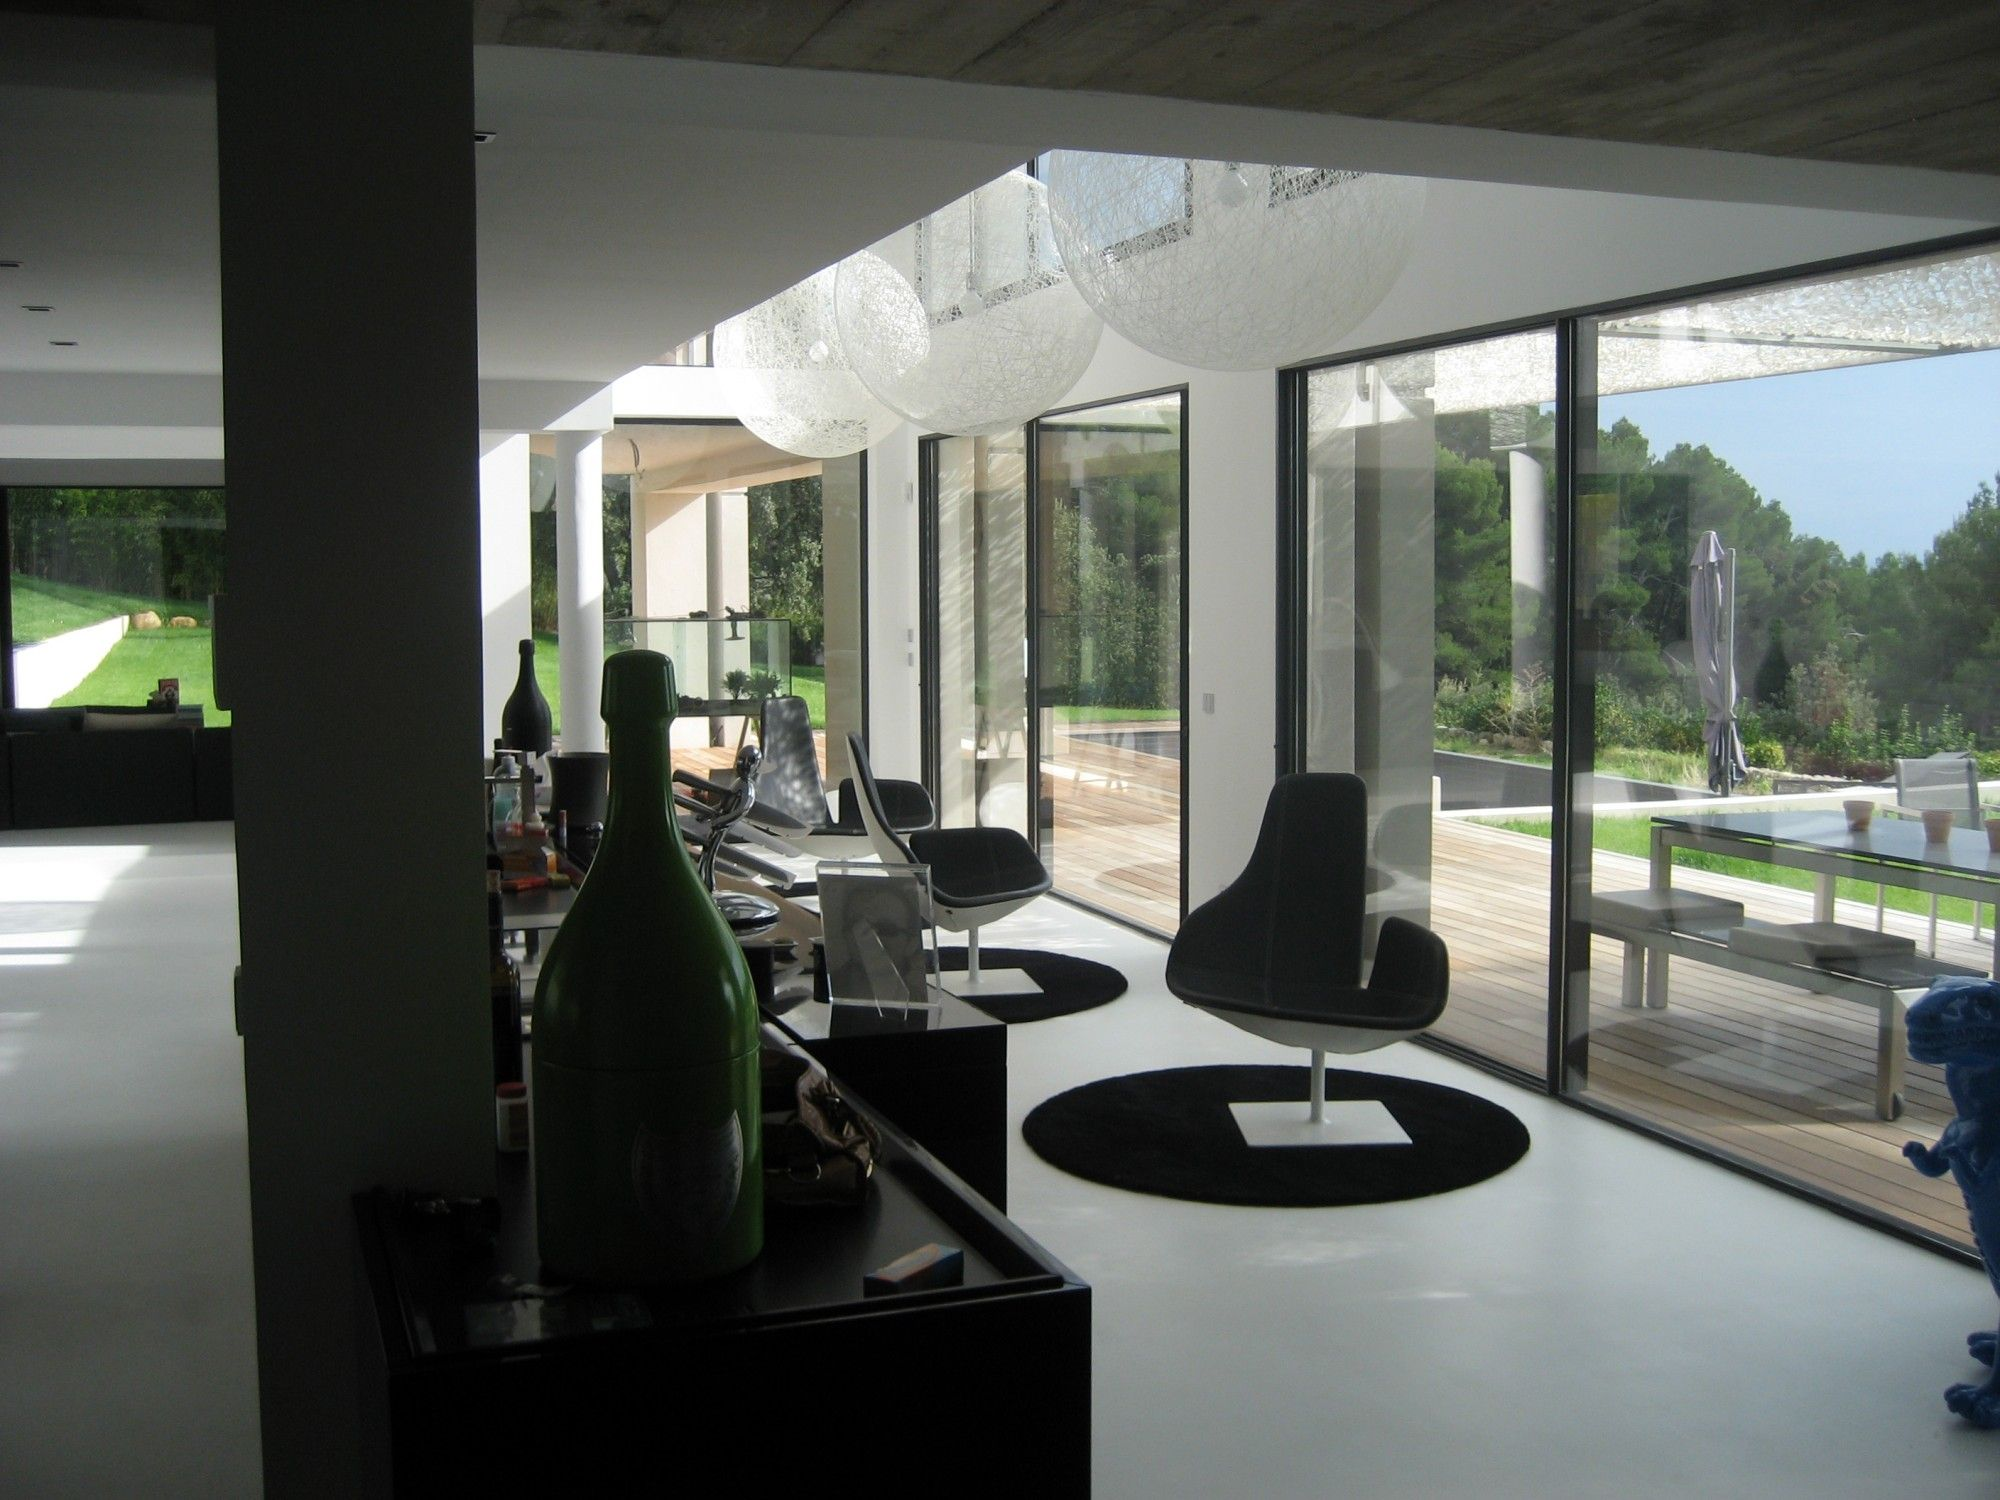 tres grand clair de vitre sur baie aix en provence. Black Bedroom Furniture Sets. Home Design Ideas